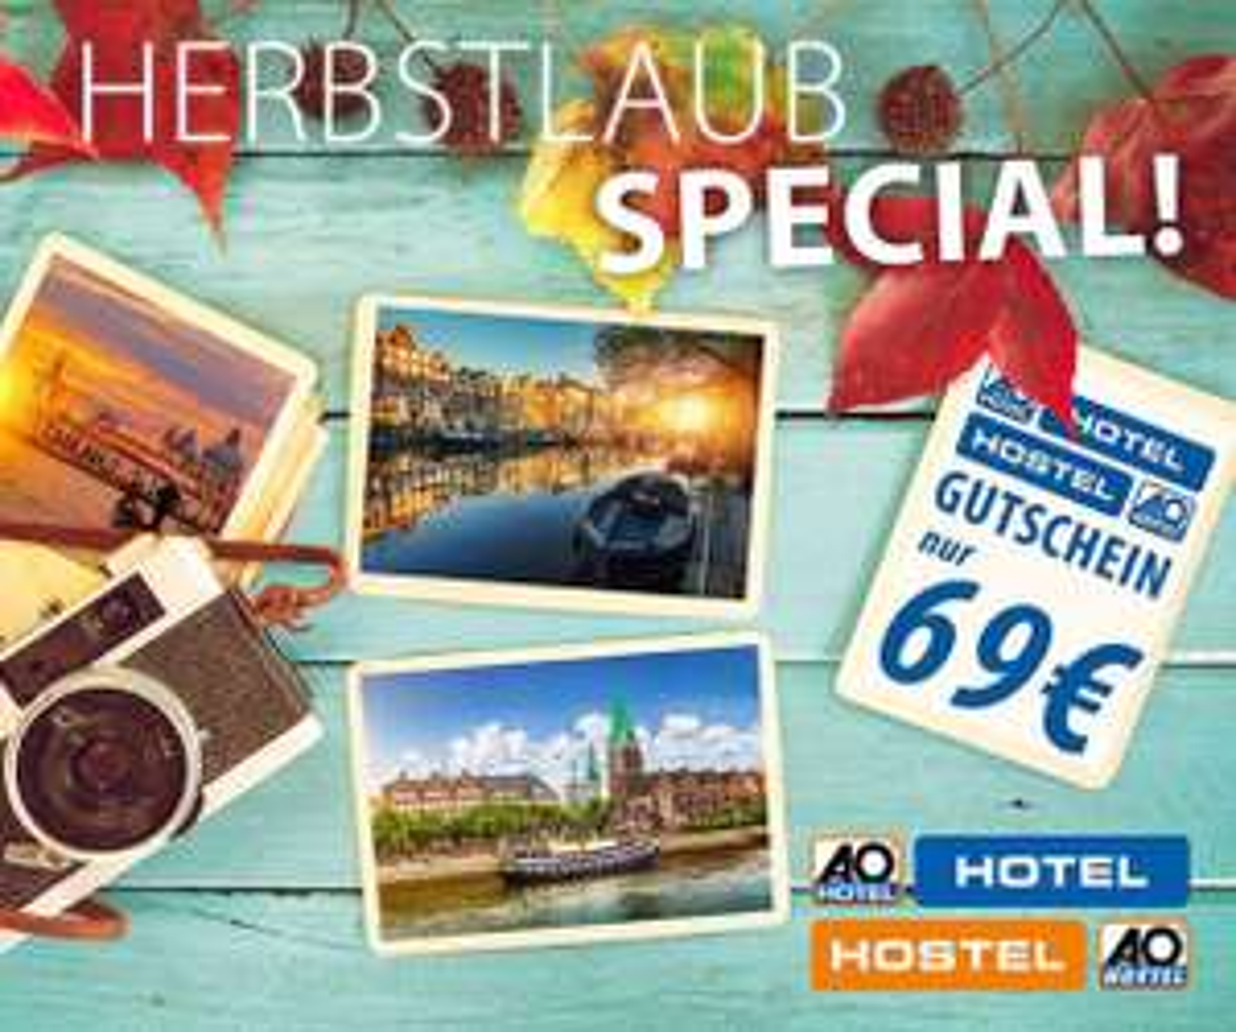 A&O Hotelgutschein – 3 Tage in einer von 22 Städten nur p.P. 34,50€